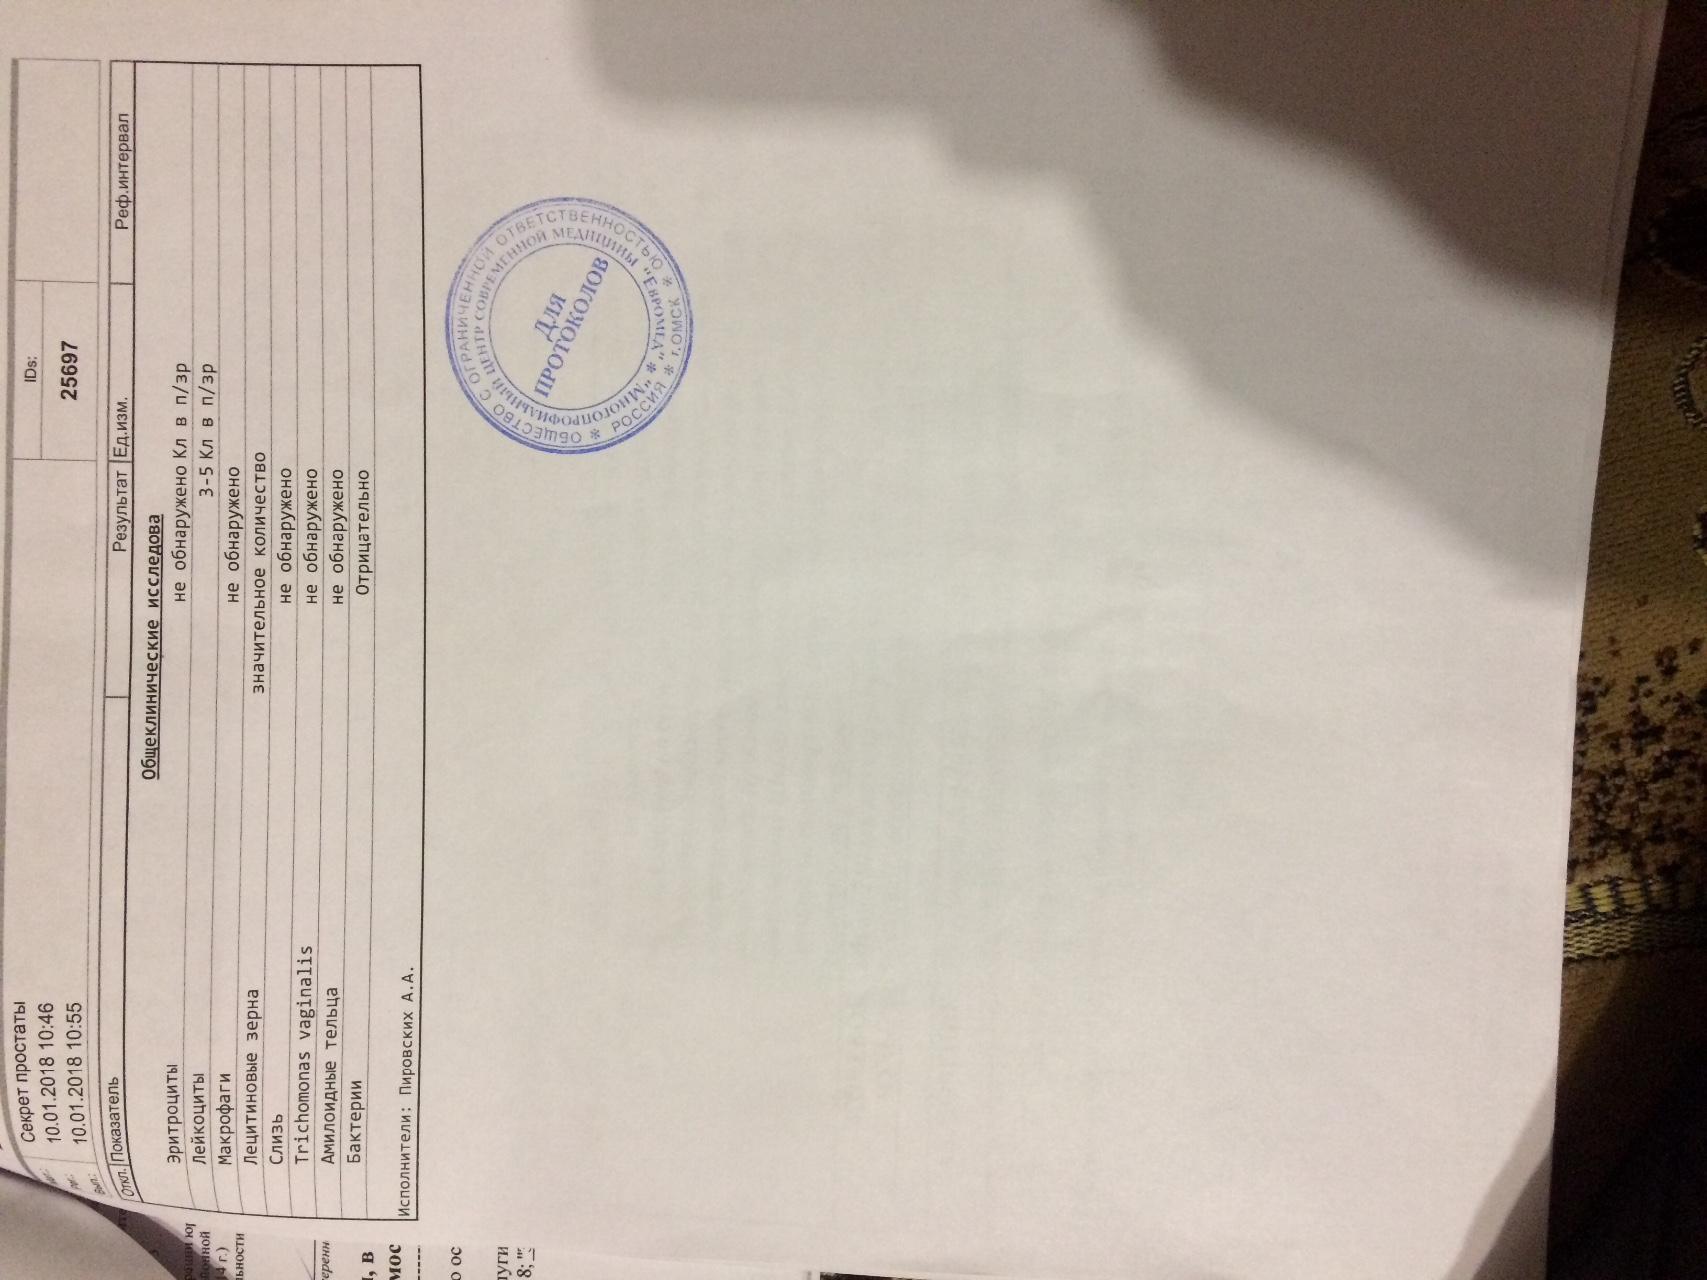 Результат анализы на простатит бангшил и фортеж при простатите отзывы